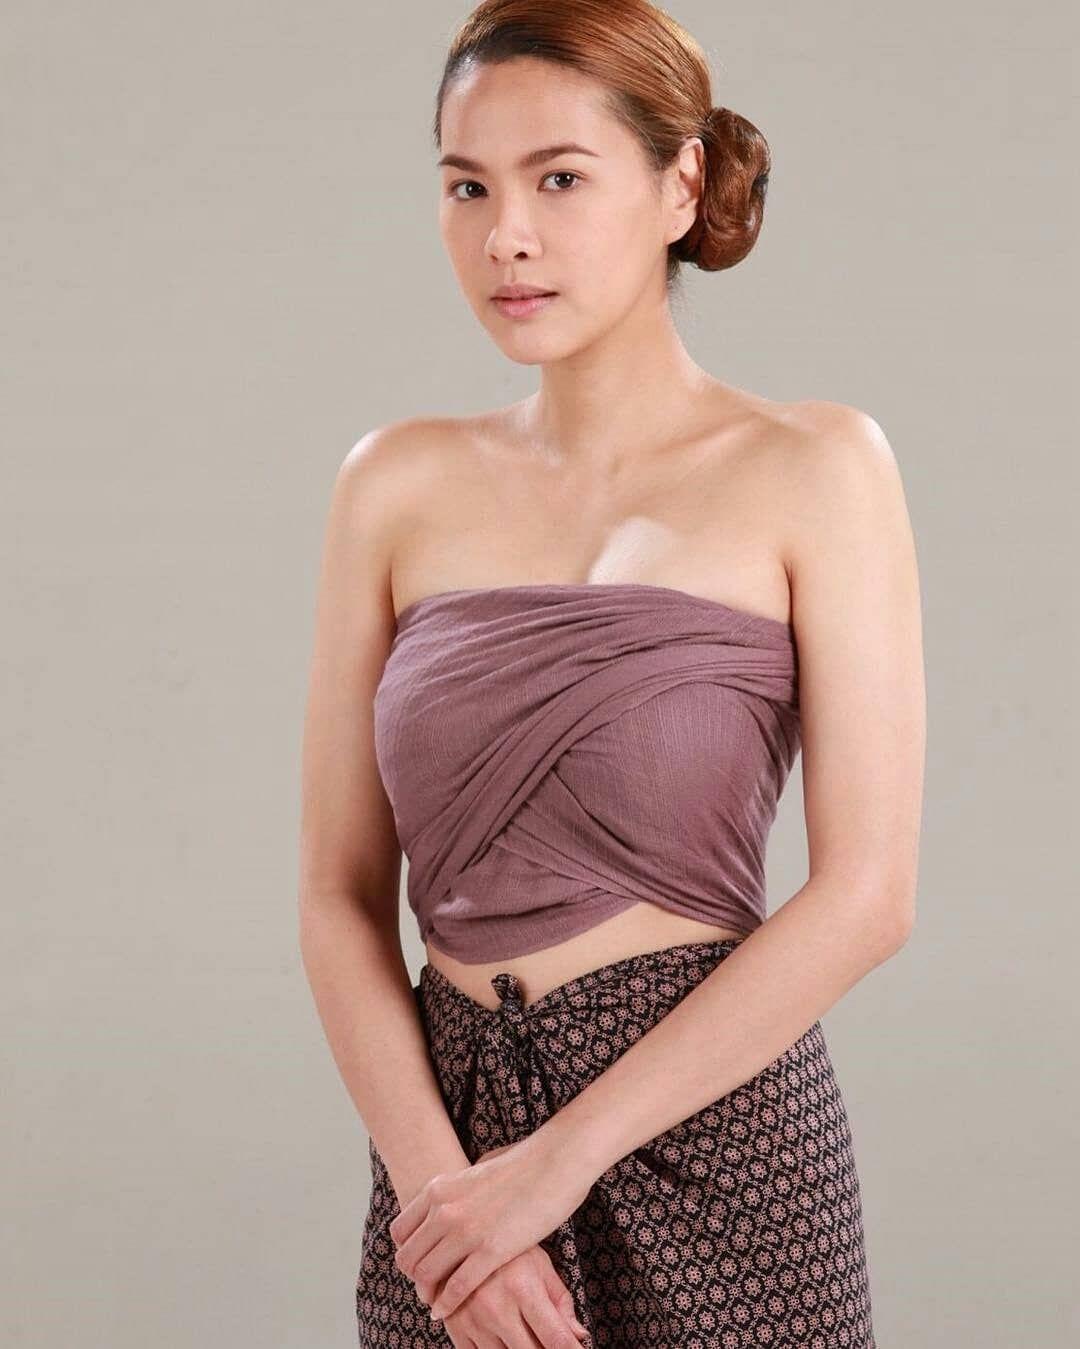 Thai model tube